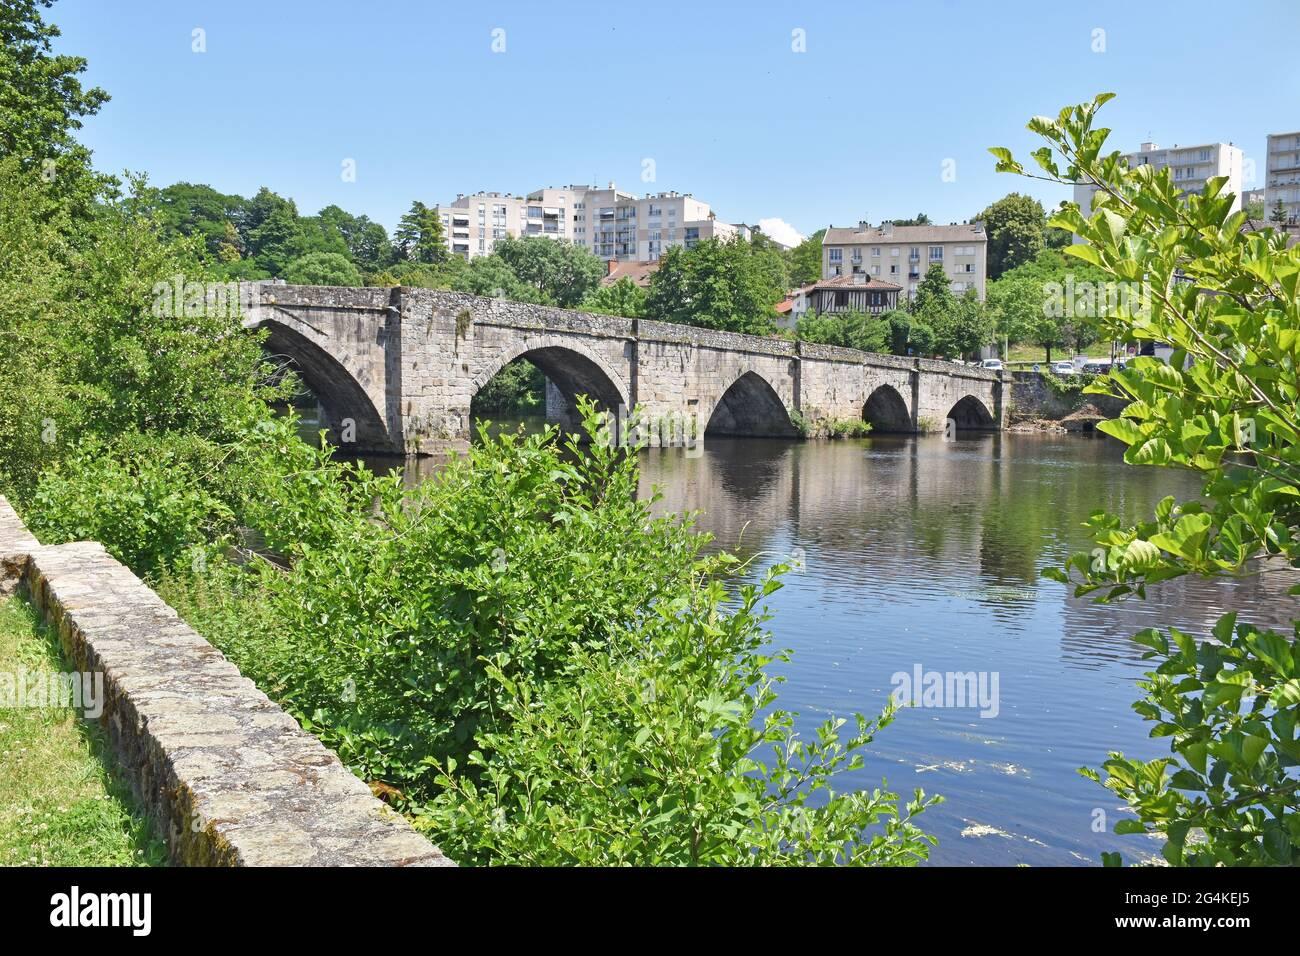 Le Pont (pont) Saint-Martial au-dessus de la Vienne à Limoges, France, construit c1205 sur les fondations d'un pont romain, par Henri II, roi d'Angleterre Banque D'Images